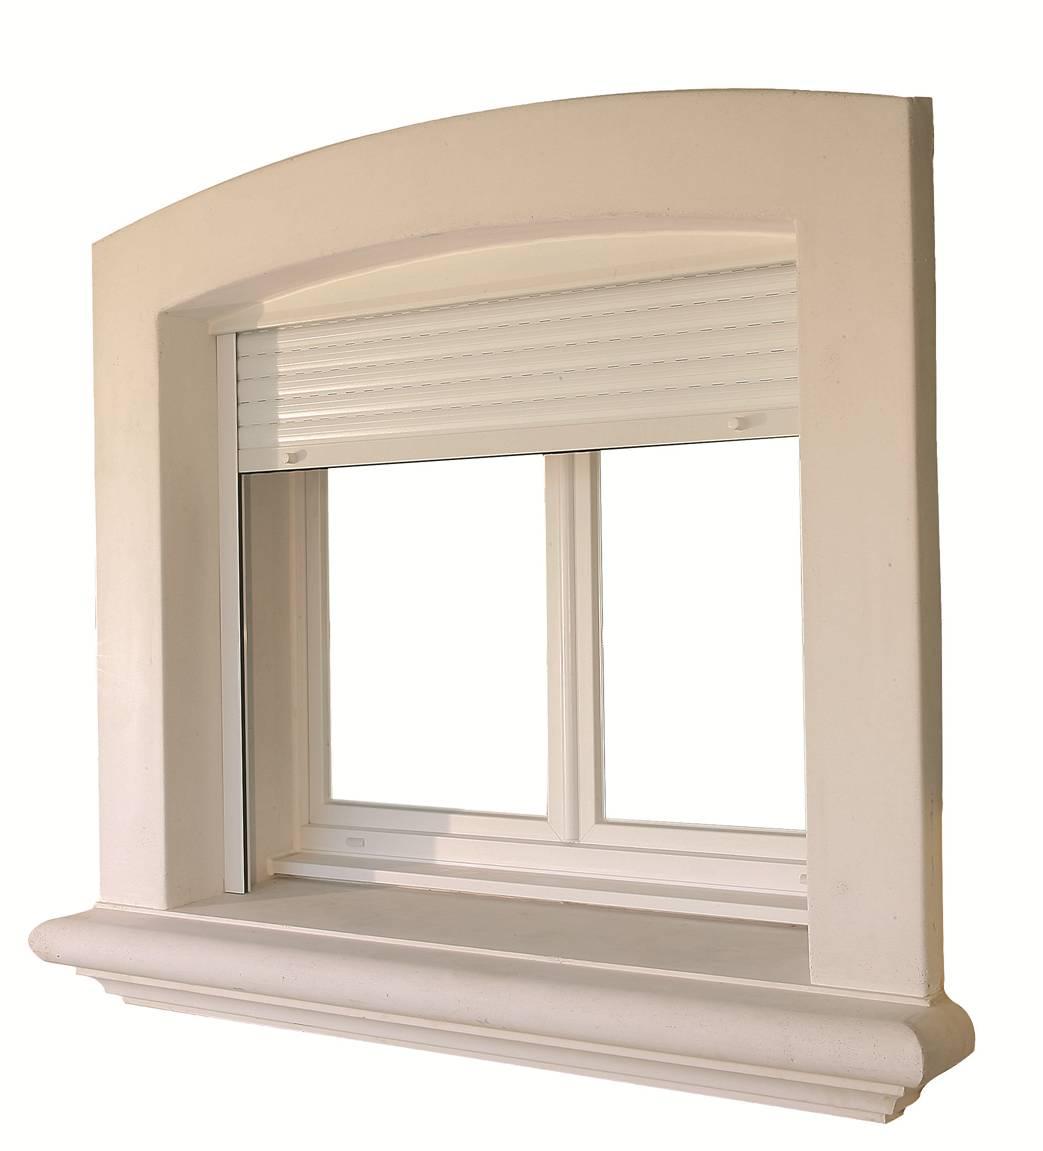 encadrement fenêtre